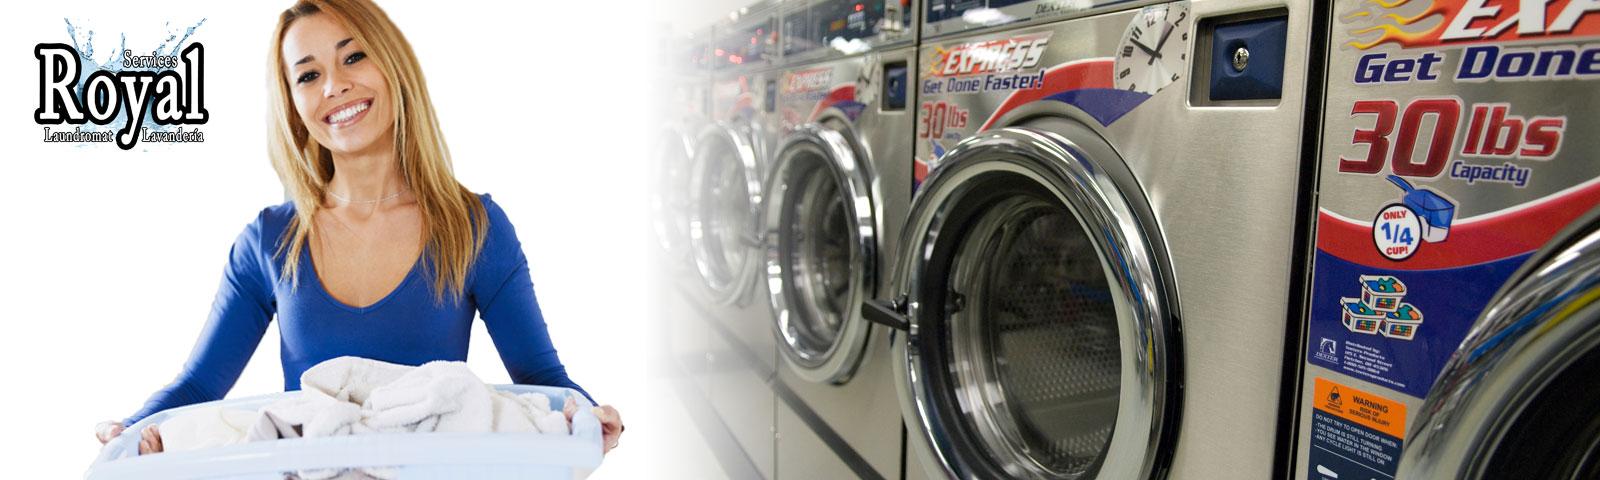 Royal Laundromat